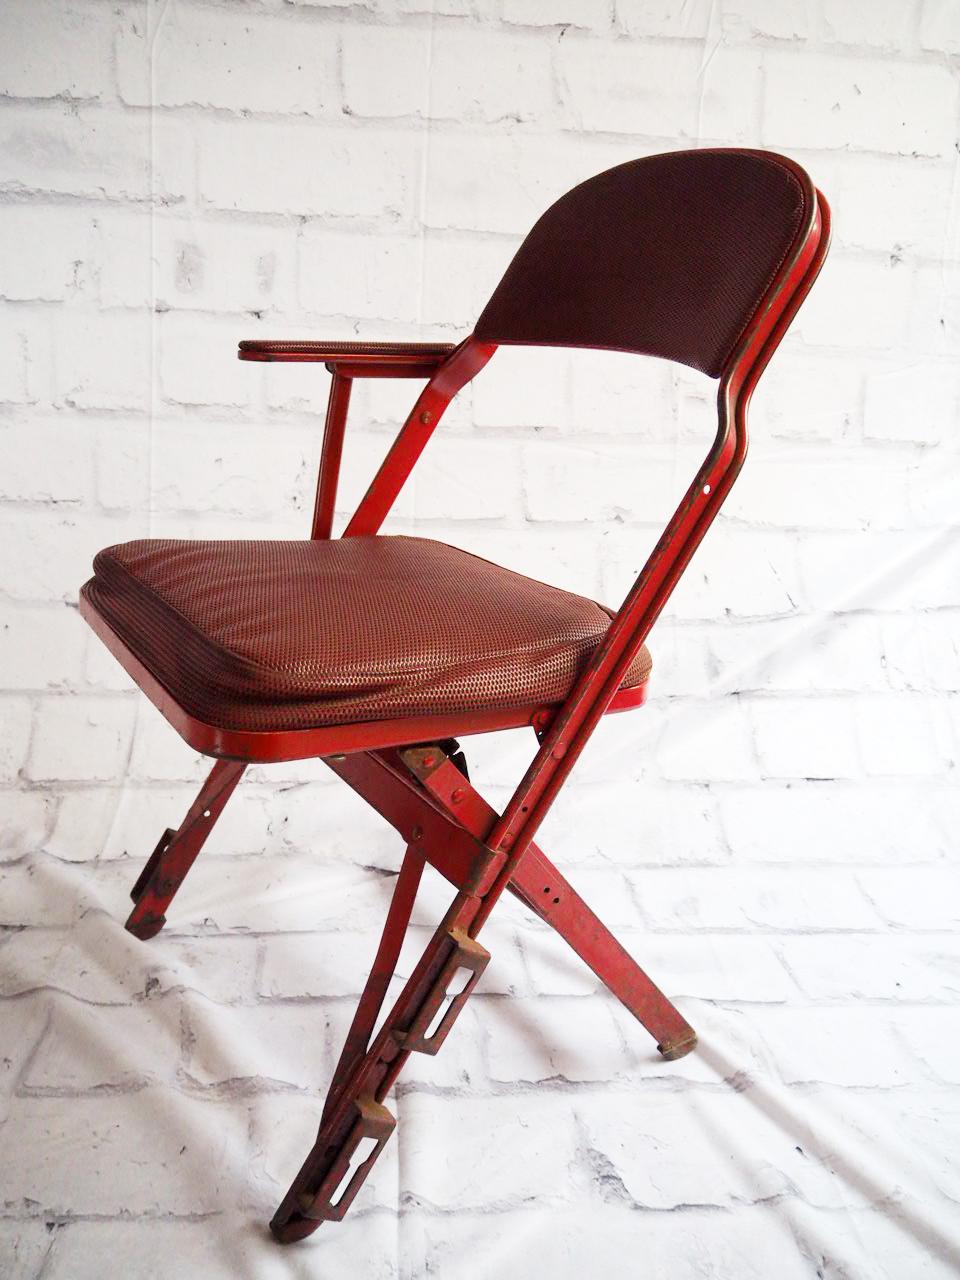 品番4897 クラリン社製 フォールディング チェア 折りたたみ椅子 スチール製 ヴィンテージ